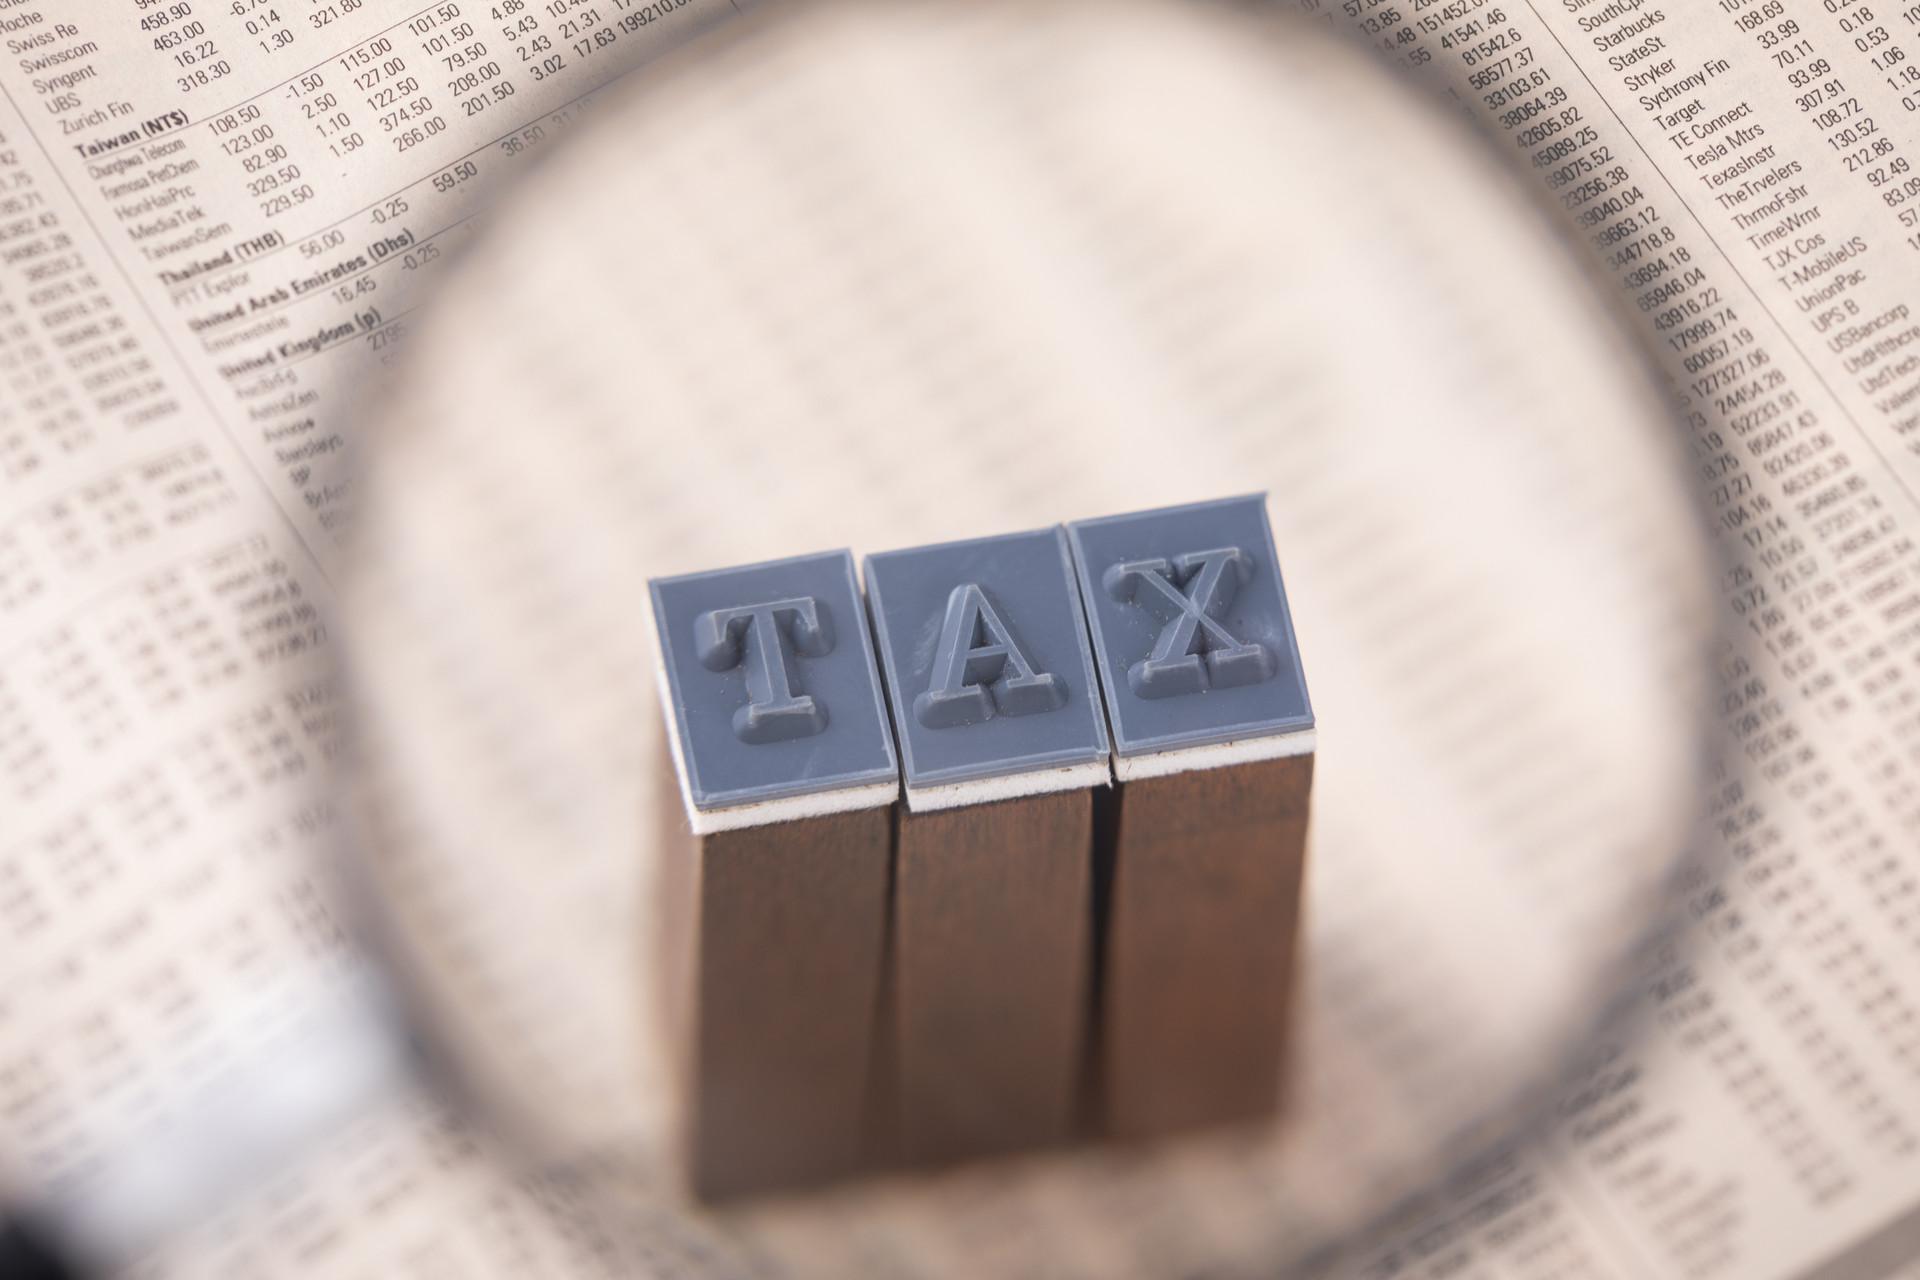 使用工资表模板 帮助企业提高薪资核算效率